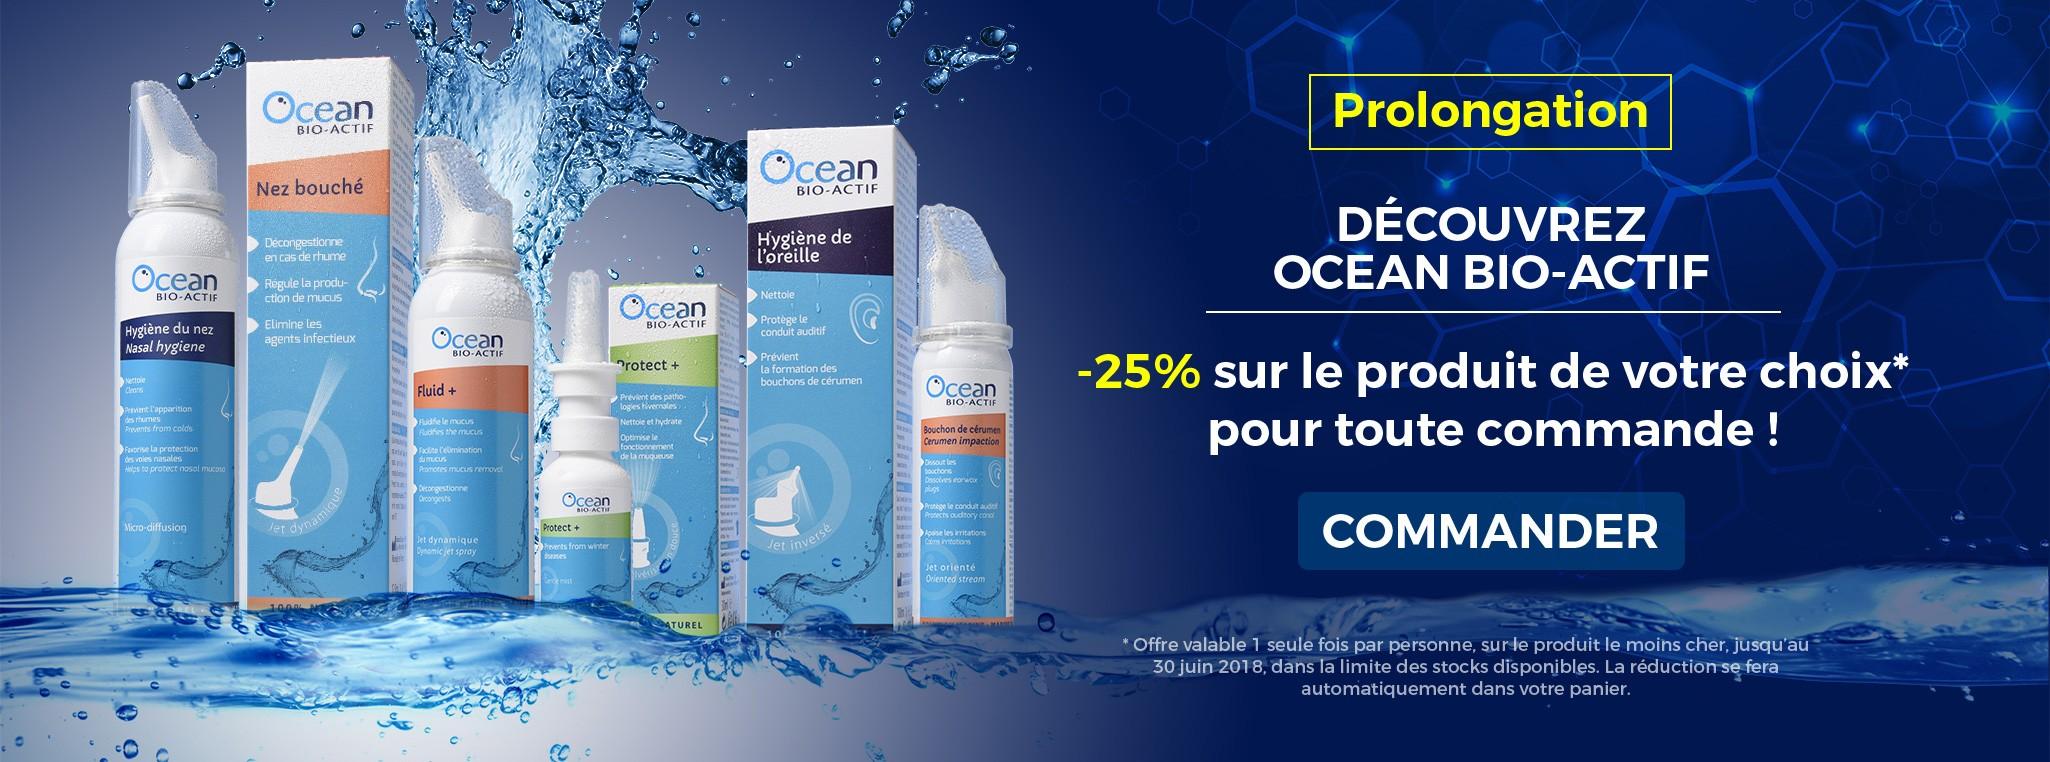 Découvrez OCEAN BIO-ACTIF avec -25% sur le produit de votre choix